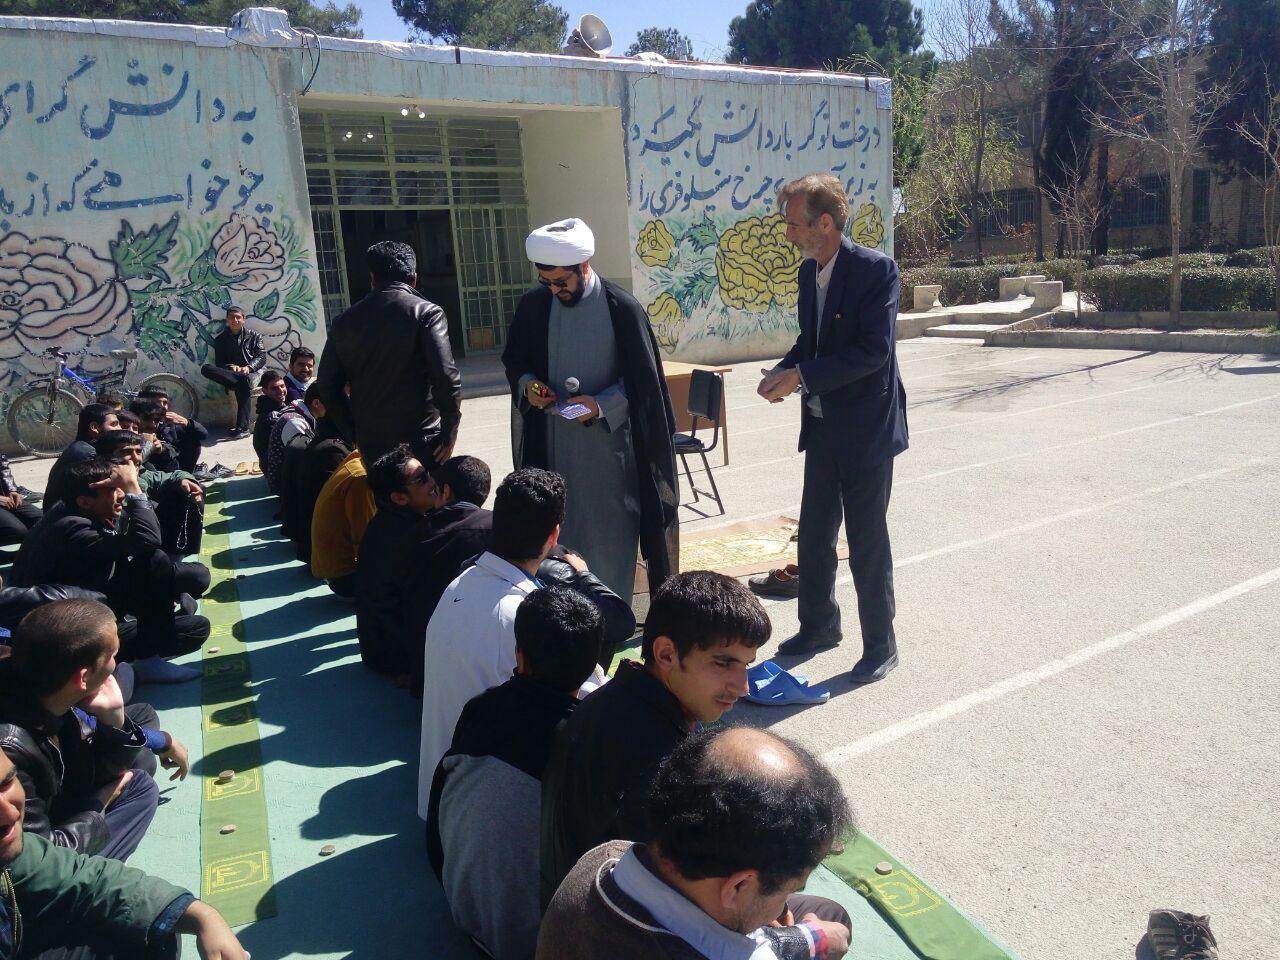 بازدید امام جمعه محترم شهر قهدریجان از مدرسه الغدیر و اقامه نماز جماعت و سخنرانی و اهدای جایزه و بر�